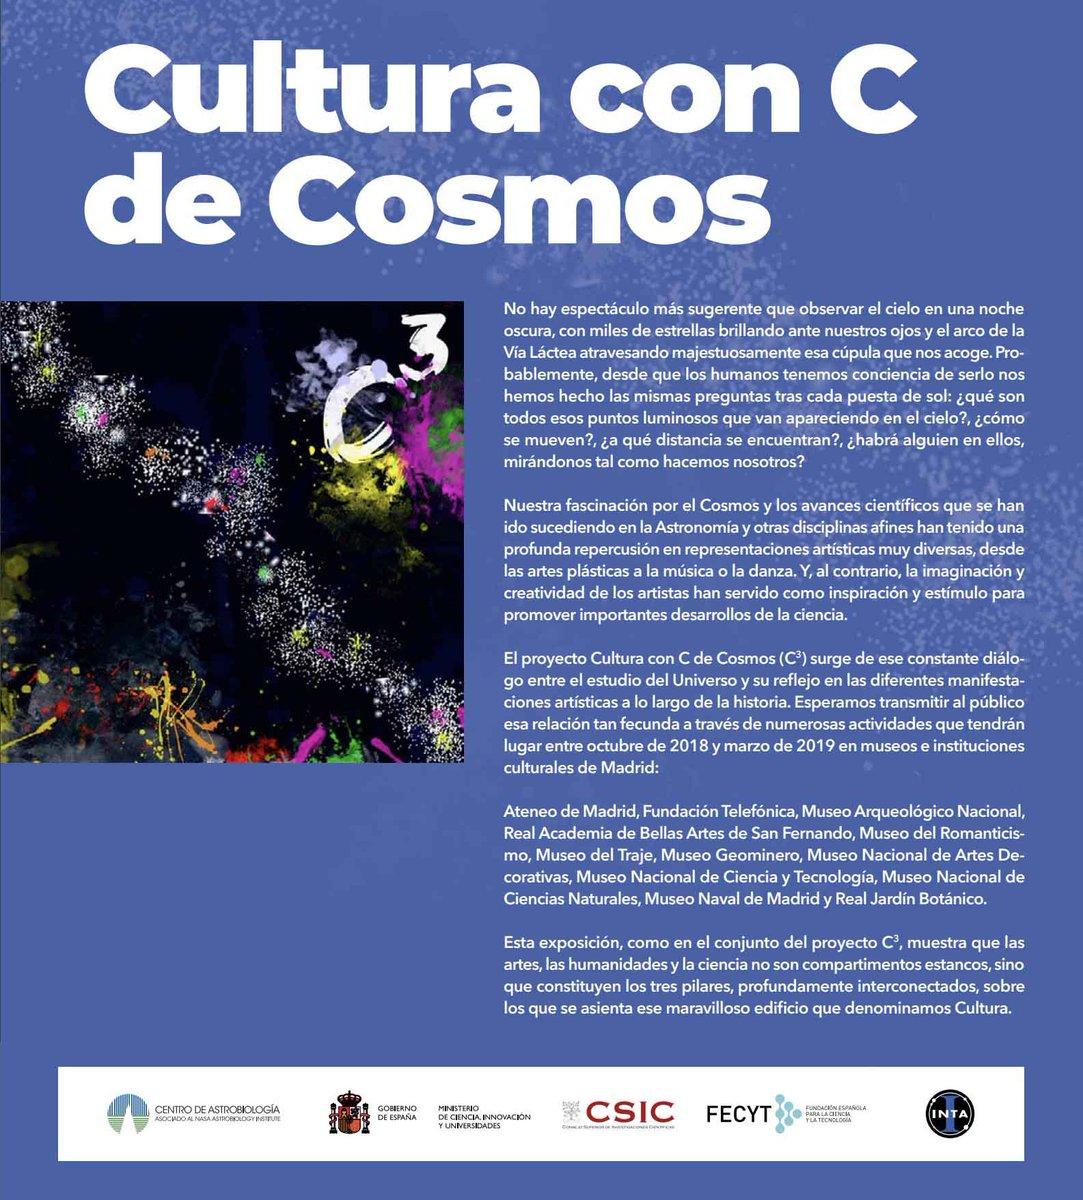 CON C DE COSMOS